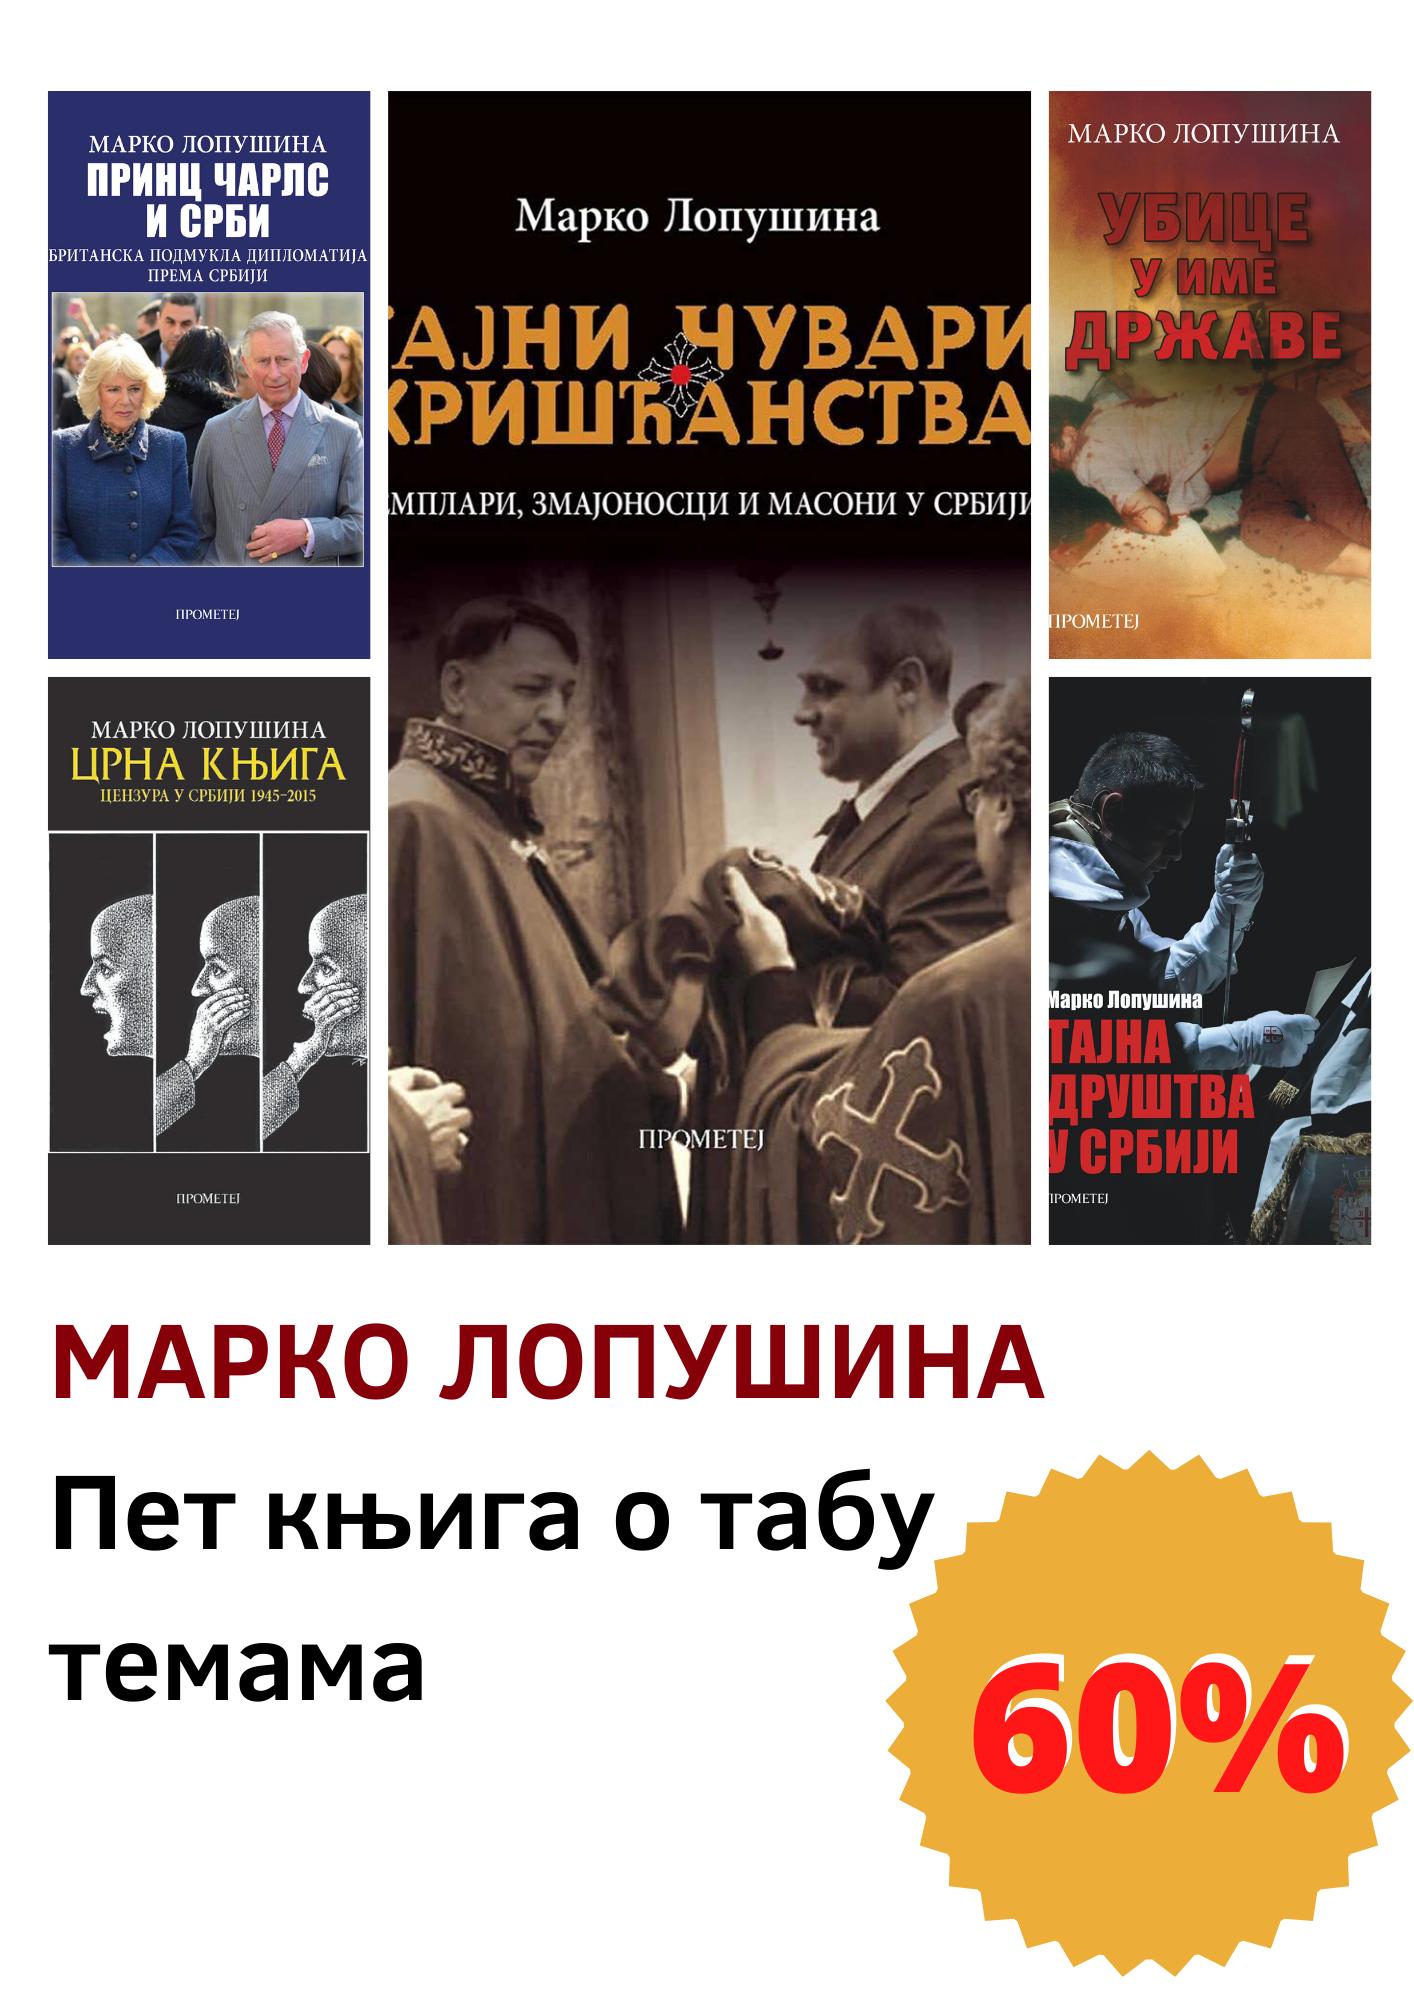 Пет књига Марка Лопушине – 60% попуста